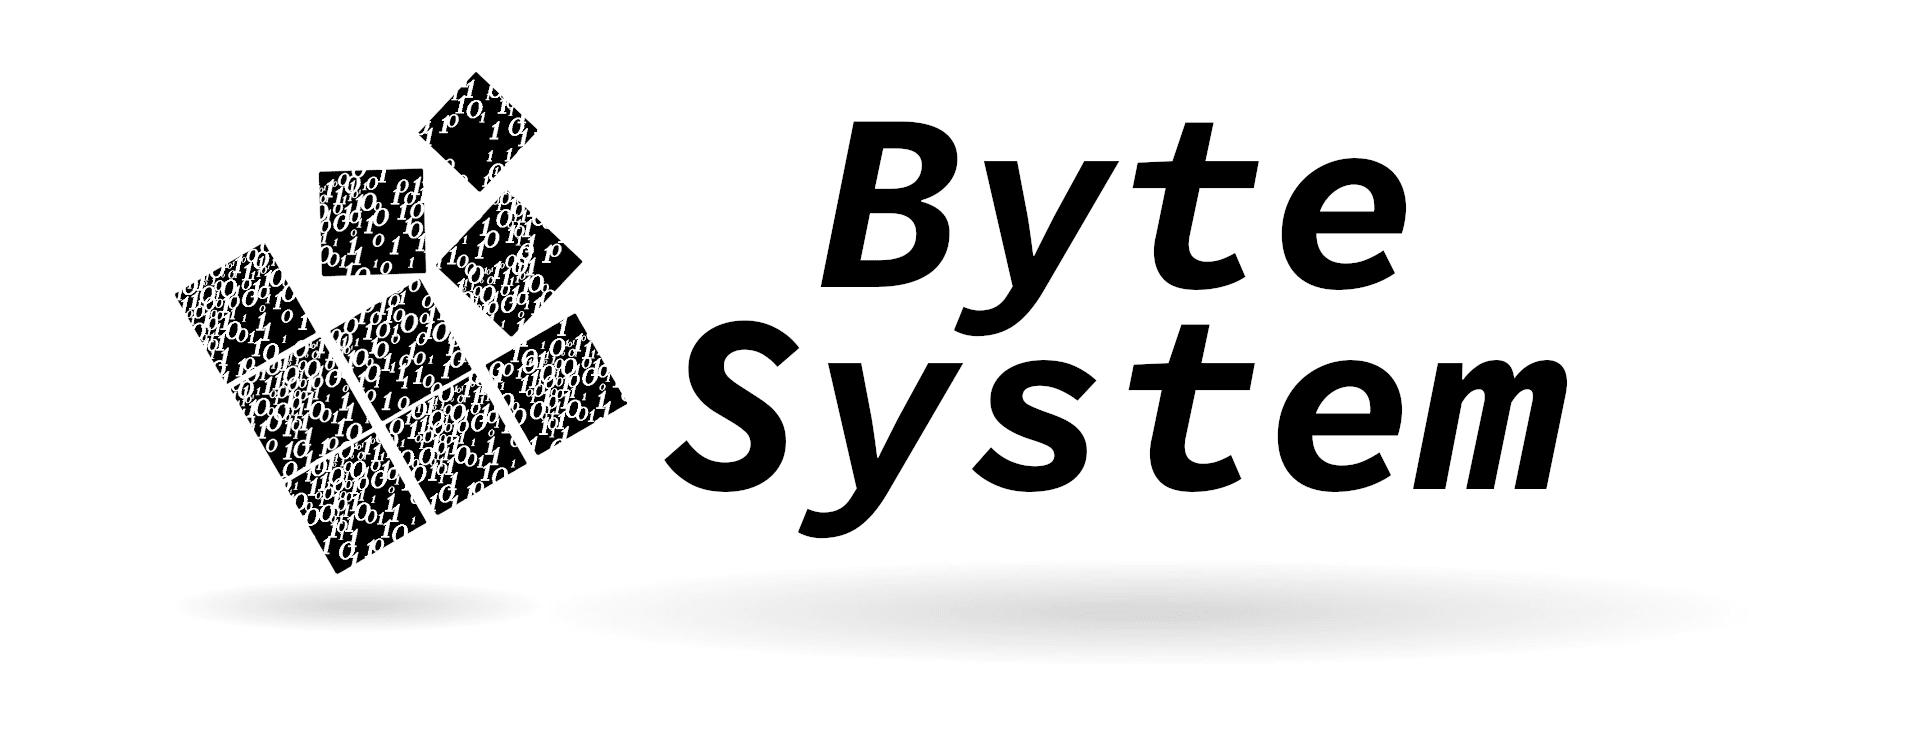 Byte System